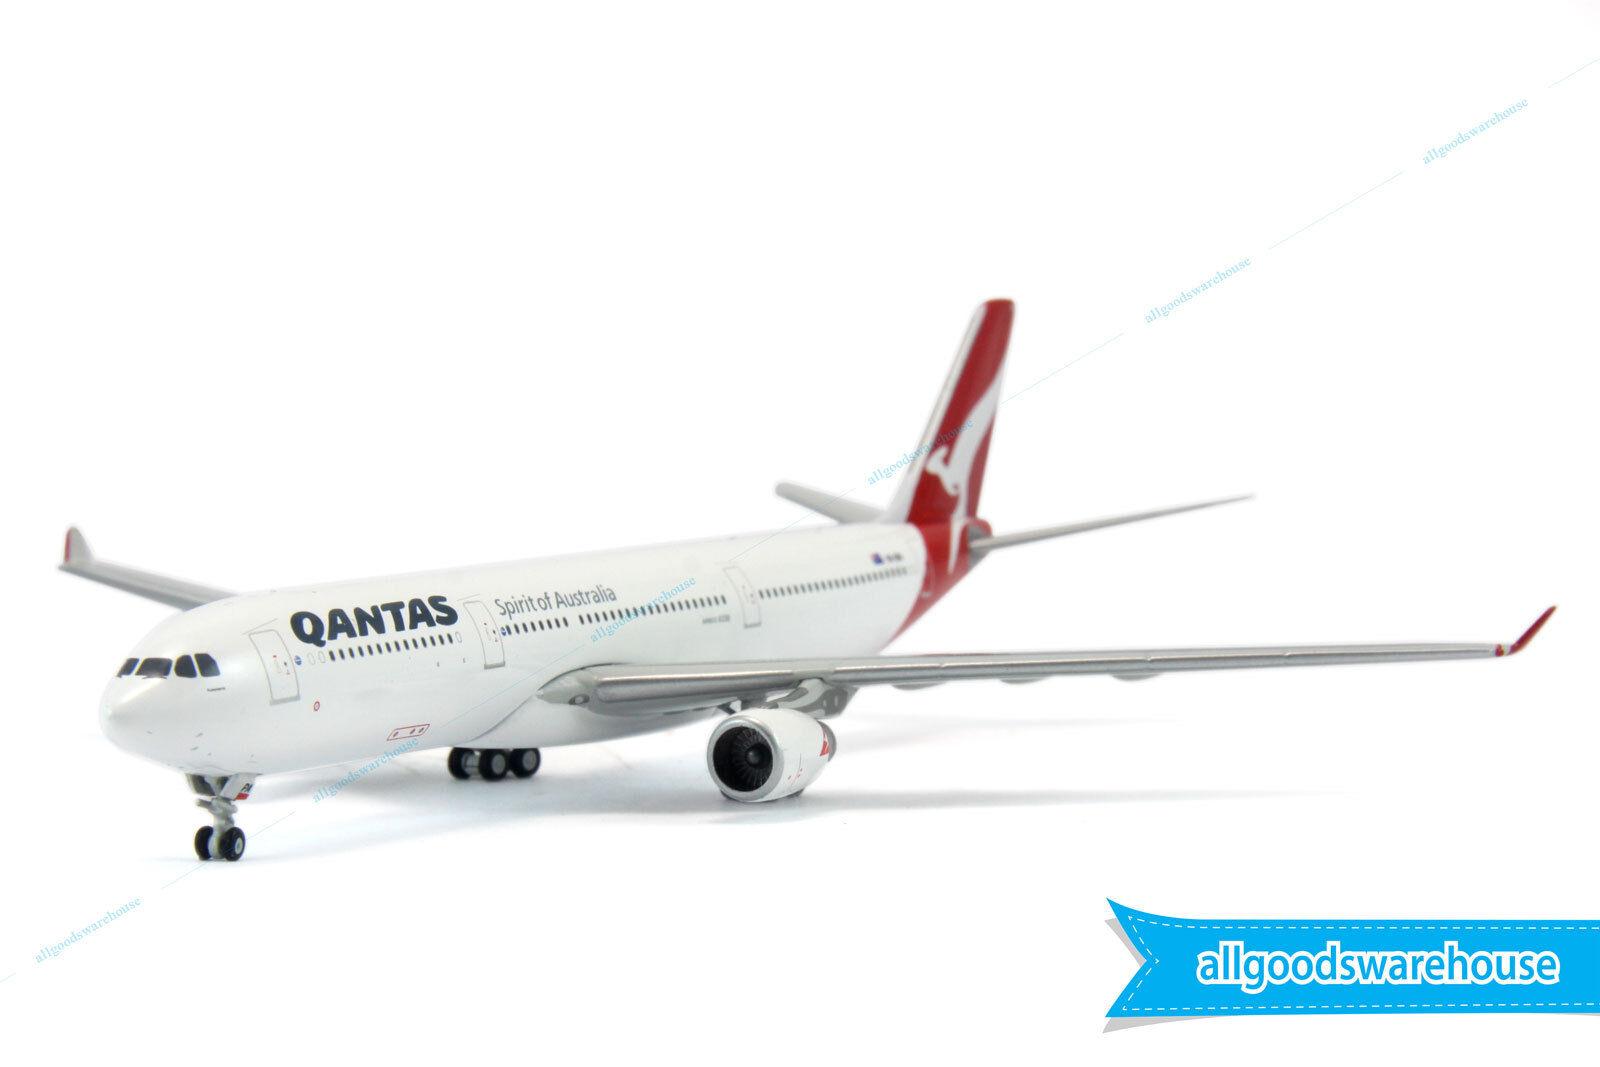 Qantas Airbus A330-300 VH-QPA 1 400 scale die-cast model replica A300 aircraft